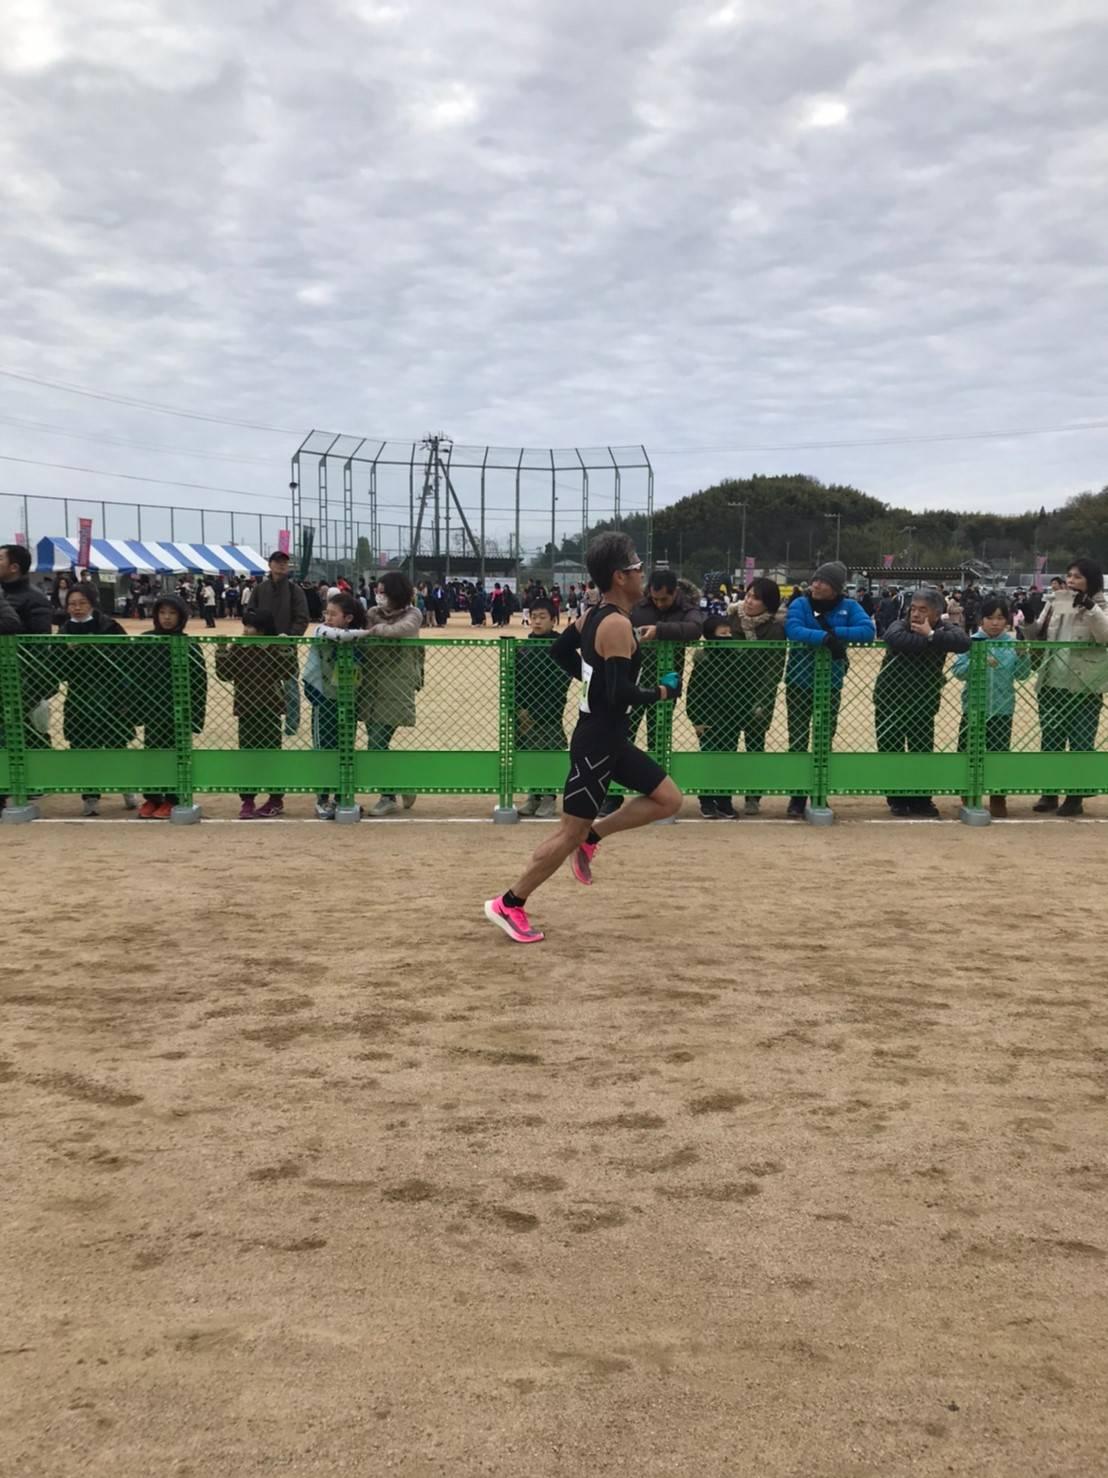 第48回たつの市梅と潮の香マラソン大会 kurさん tak-sさん oguさん4